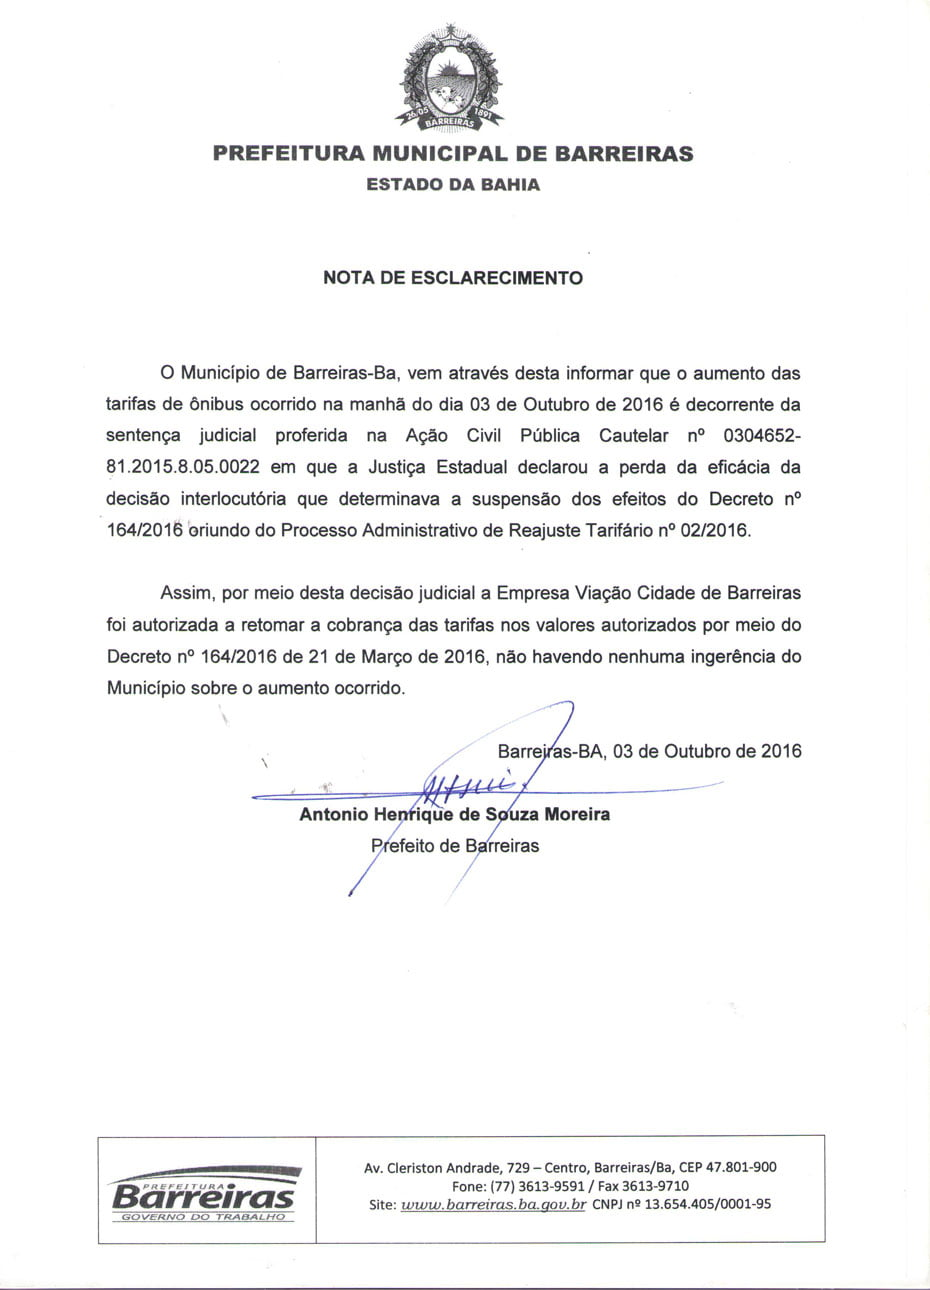 prefeitura-emite-nota-de-esclarecimento-sobre-tarifa-de-onibus-01